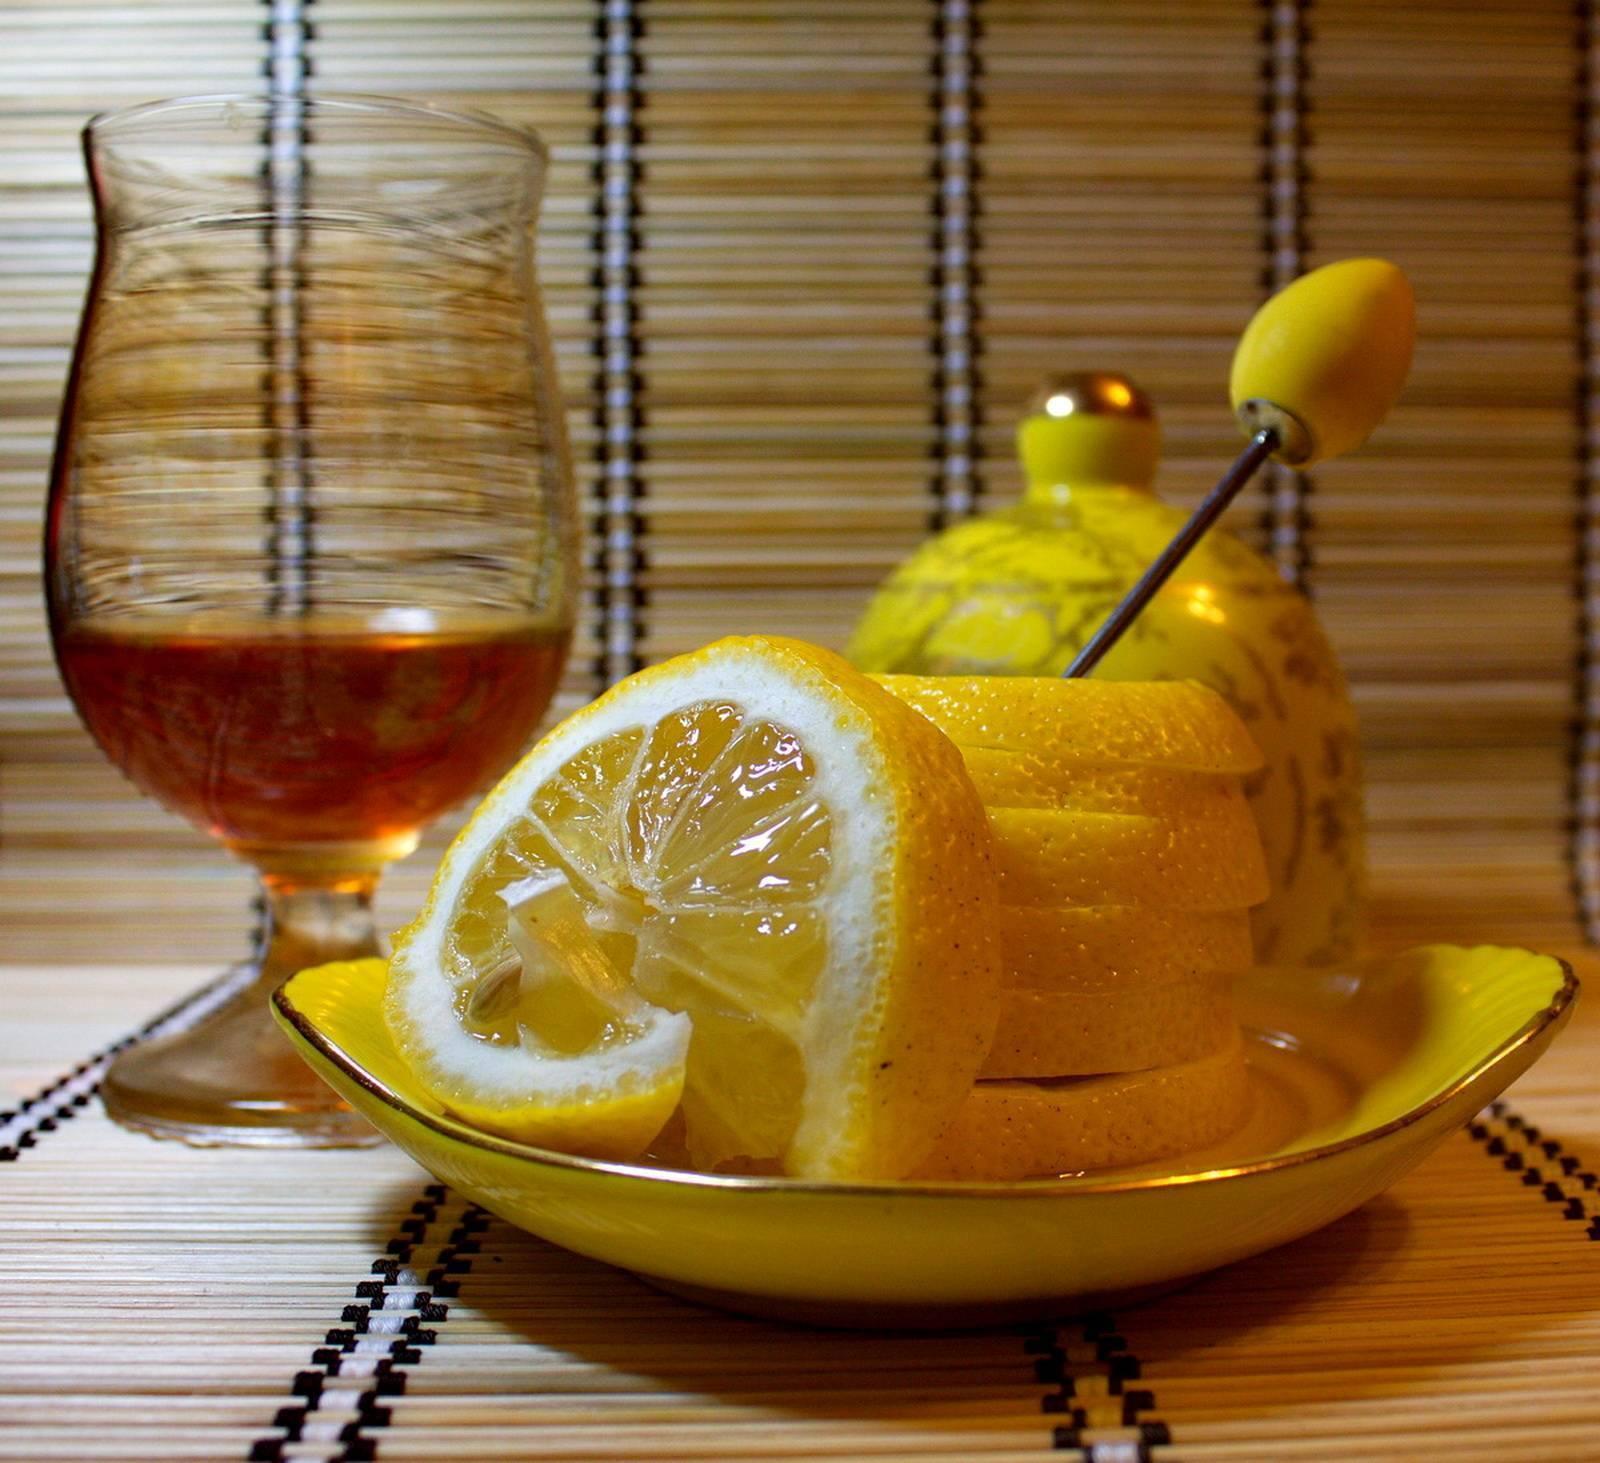 С чем и как пить коньяк правильно? правила подачи, температура, особенности дегустации напитка | про самогон и другие напитки ? | яндекс дзен